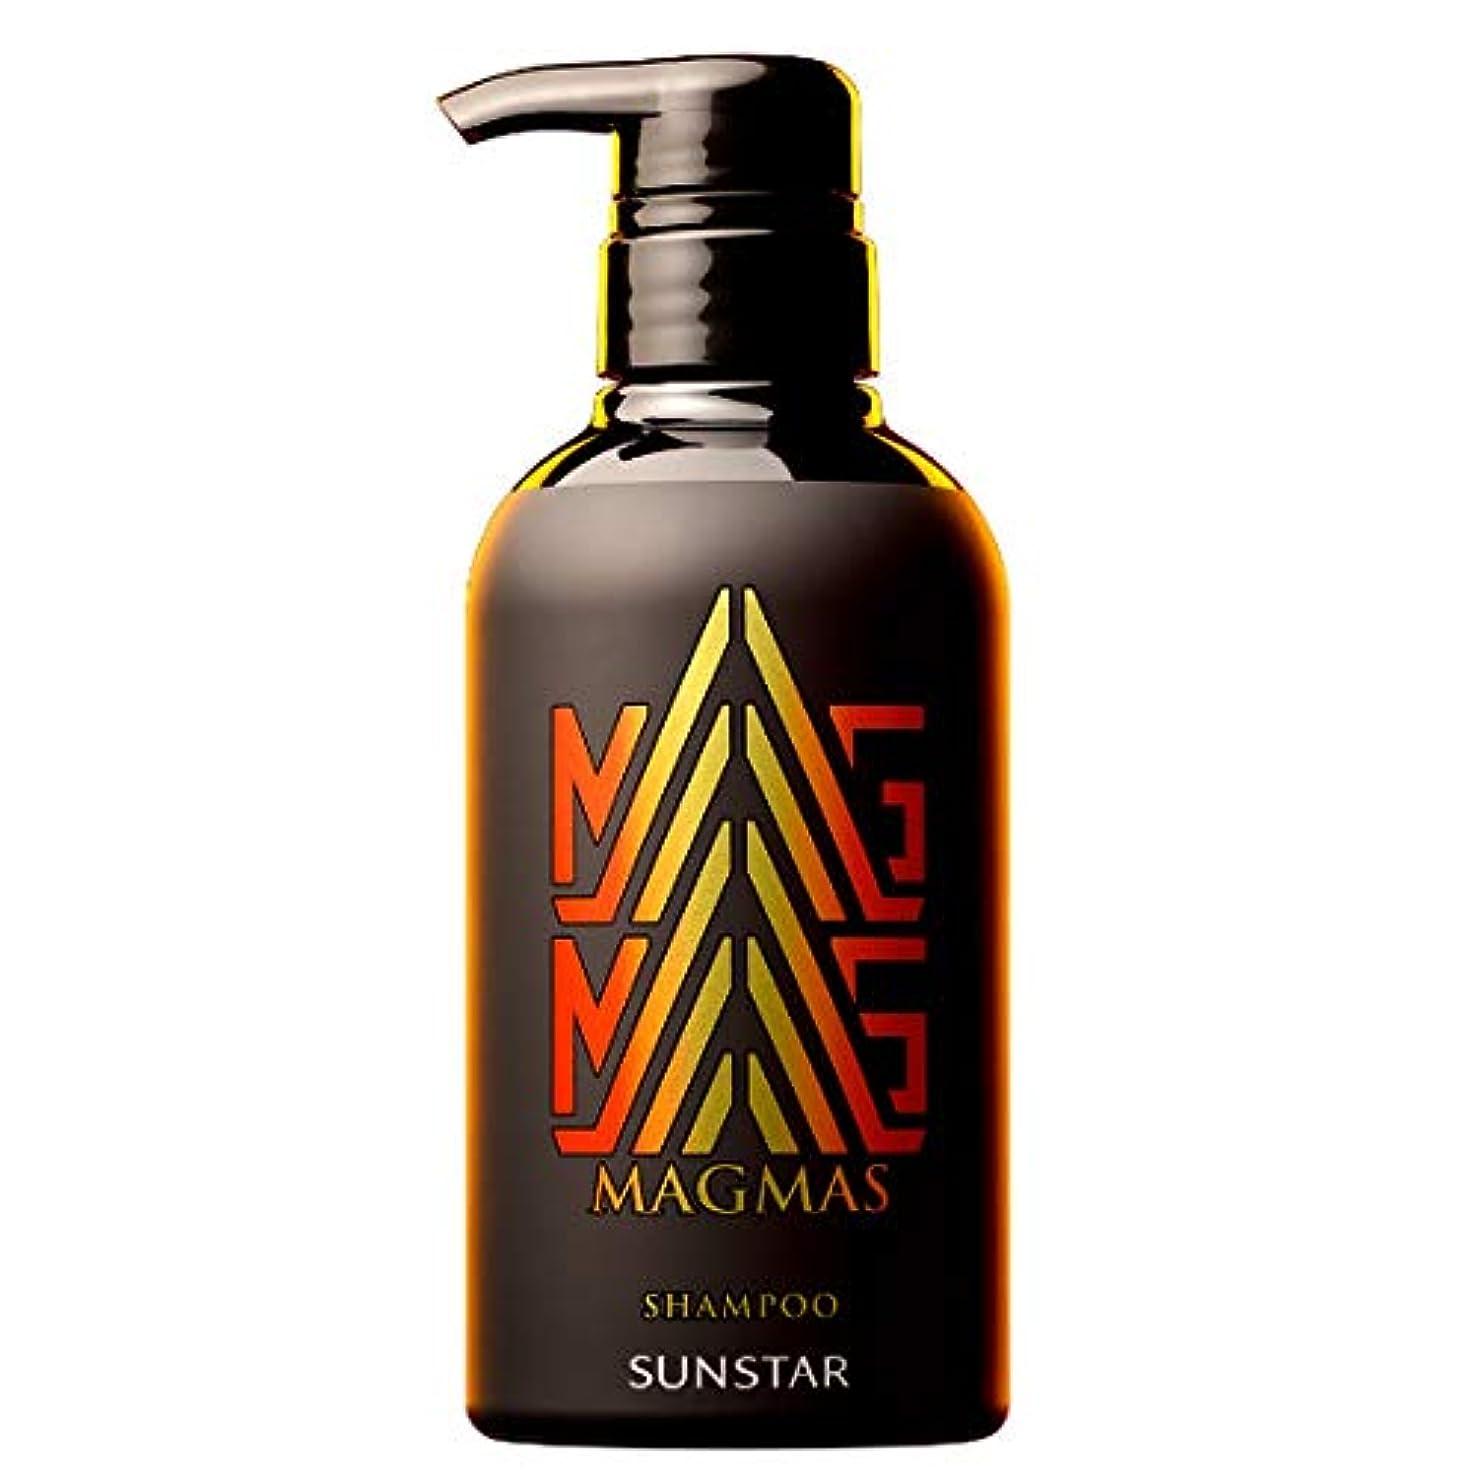 ヒギンズ花シンジケートサンスター メンズ 亜鉛導入シャンプー MAGMAS(マグマス) 髪のボリュームアップ & スカルプケア 400ml